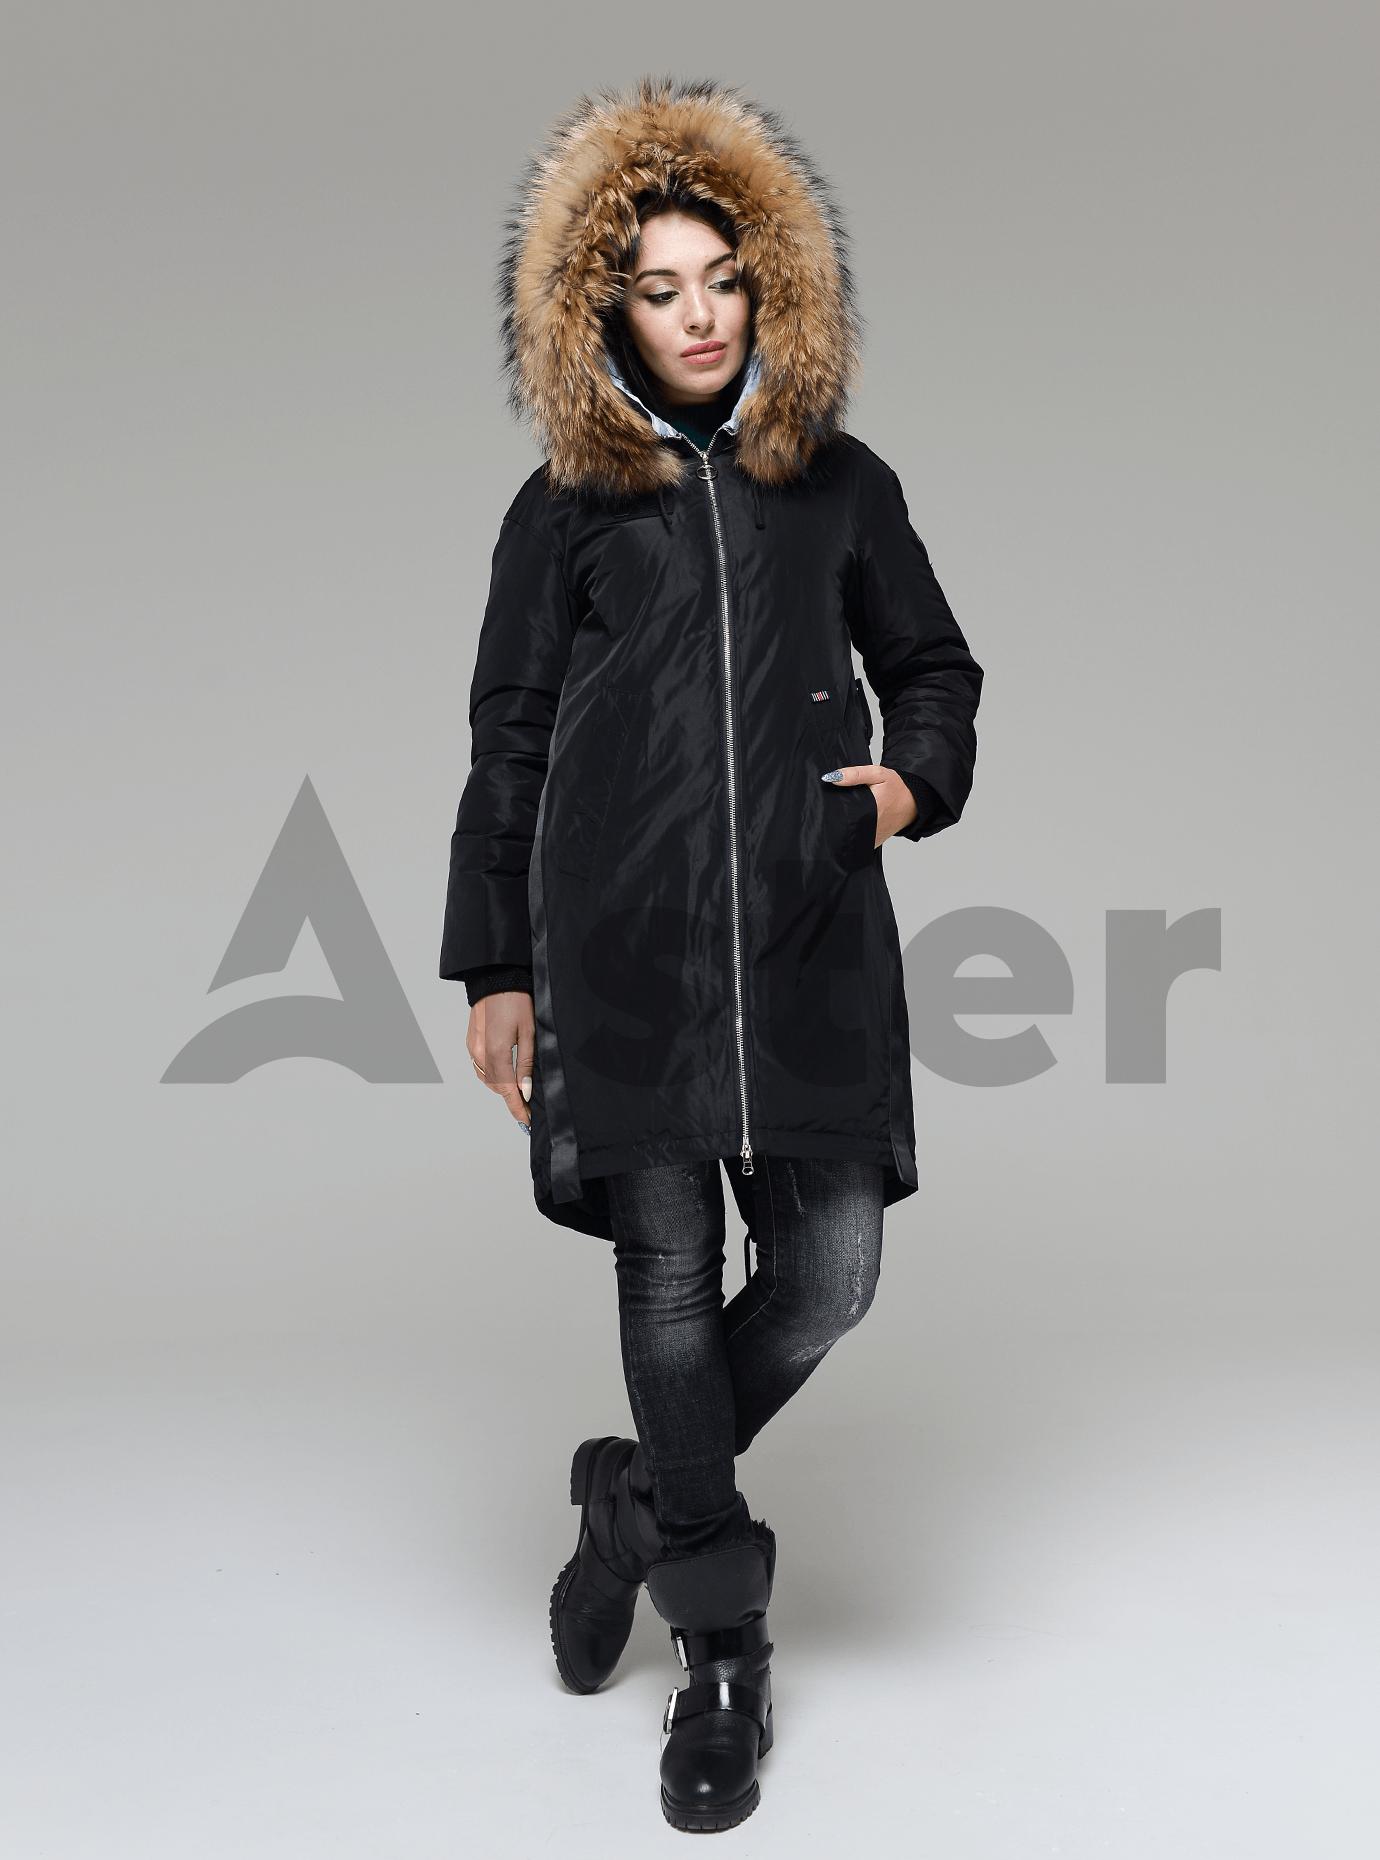 Куртка зимняя длинная с поясом на спине и мехом енота Чёрный L (05-V191237): фото - Alster.ua